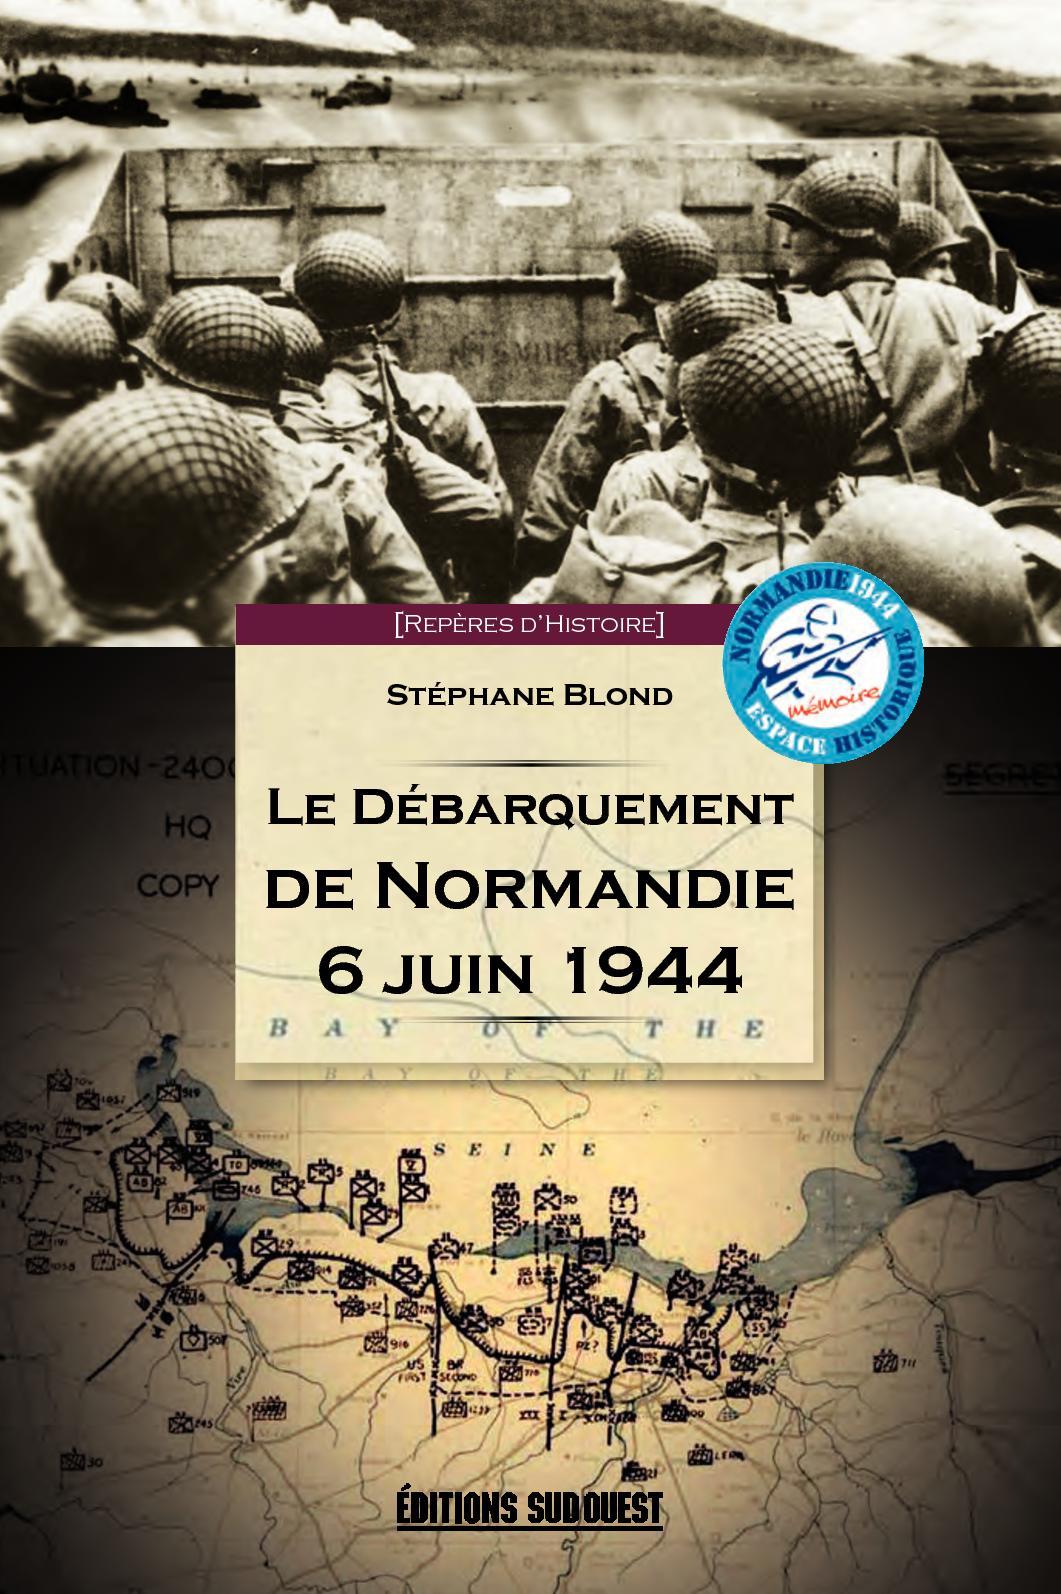 Le débarquement de Normandie, 6 juin 1944